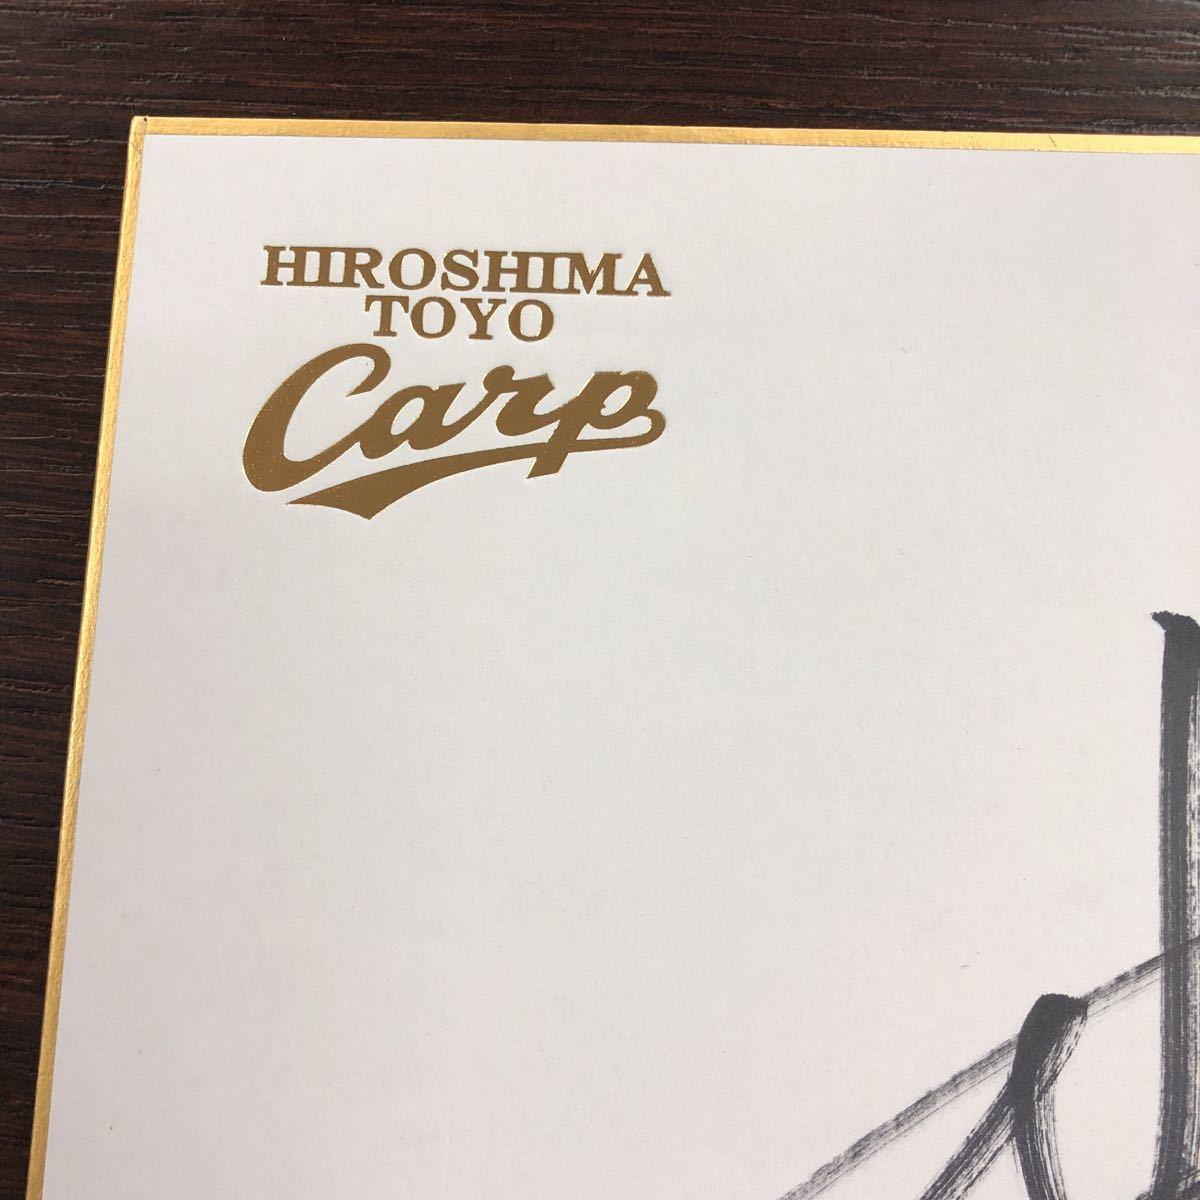 広島東洋カープ 小窪哲也選手 12番時代 直筆サイン色紙 カープ球団 認定 ロゴ色紙と_画像4